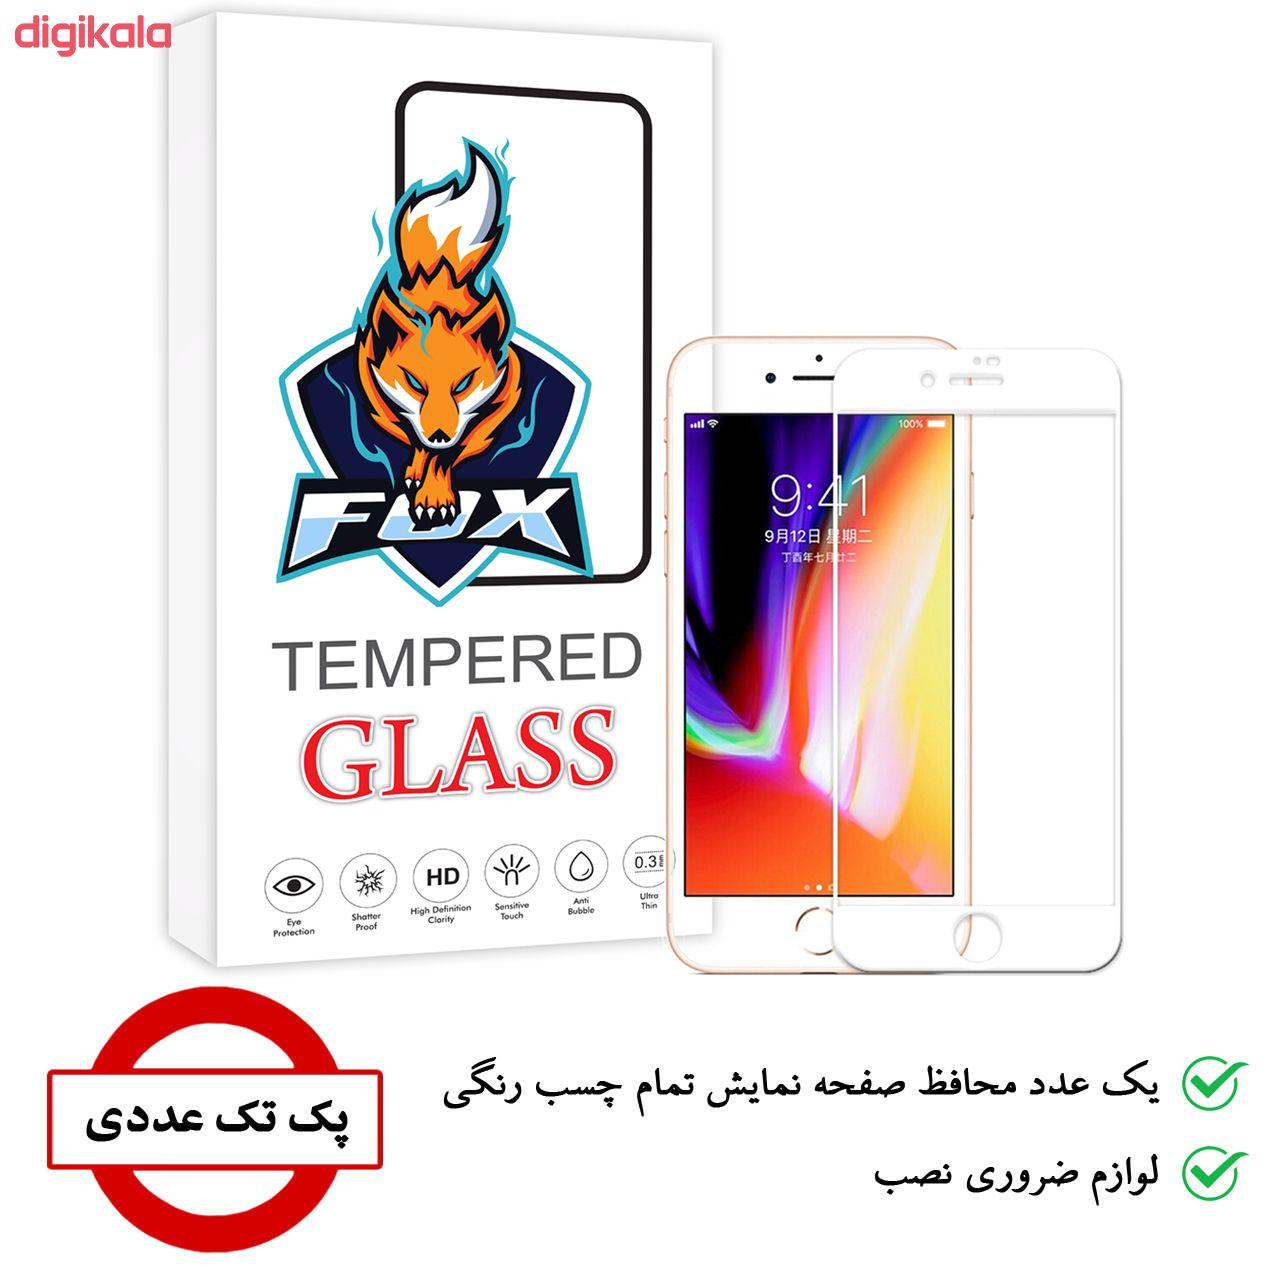 محافظ صفحه نمایش فوکس مدل PT001 مناسب برای گوشی موبایل اپل Iphone 7 Plus/8 Plus main 1 1